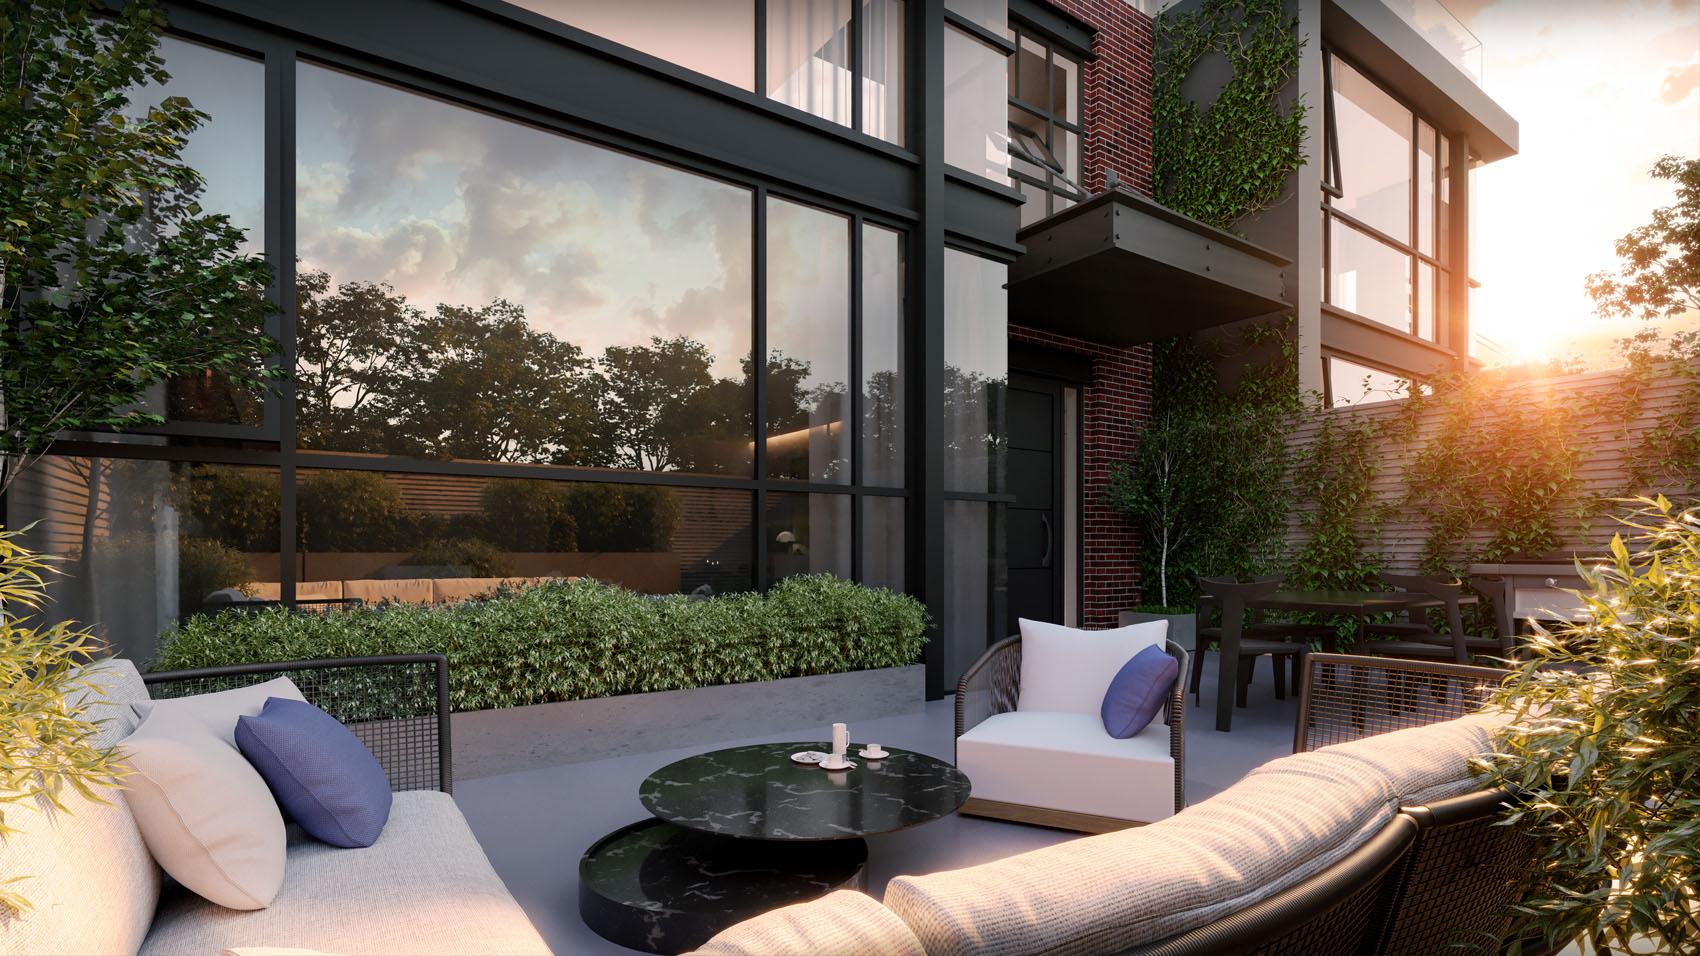 Exterior rendering of 36 Birch Condos outdoor patio.